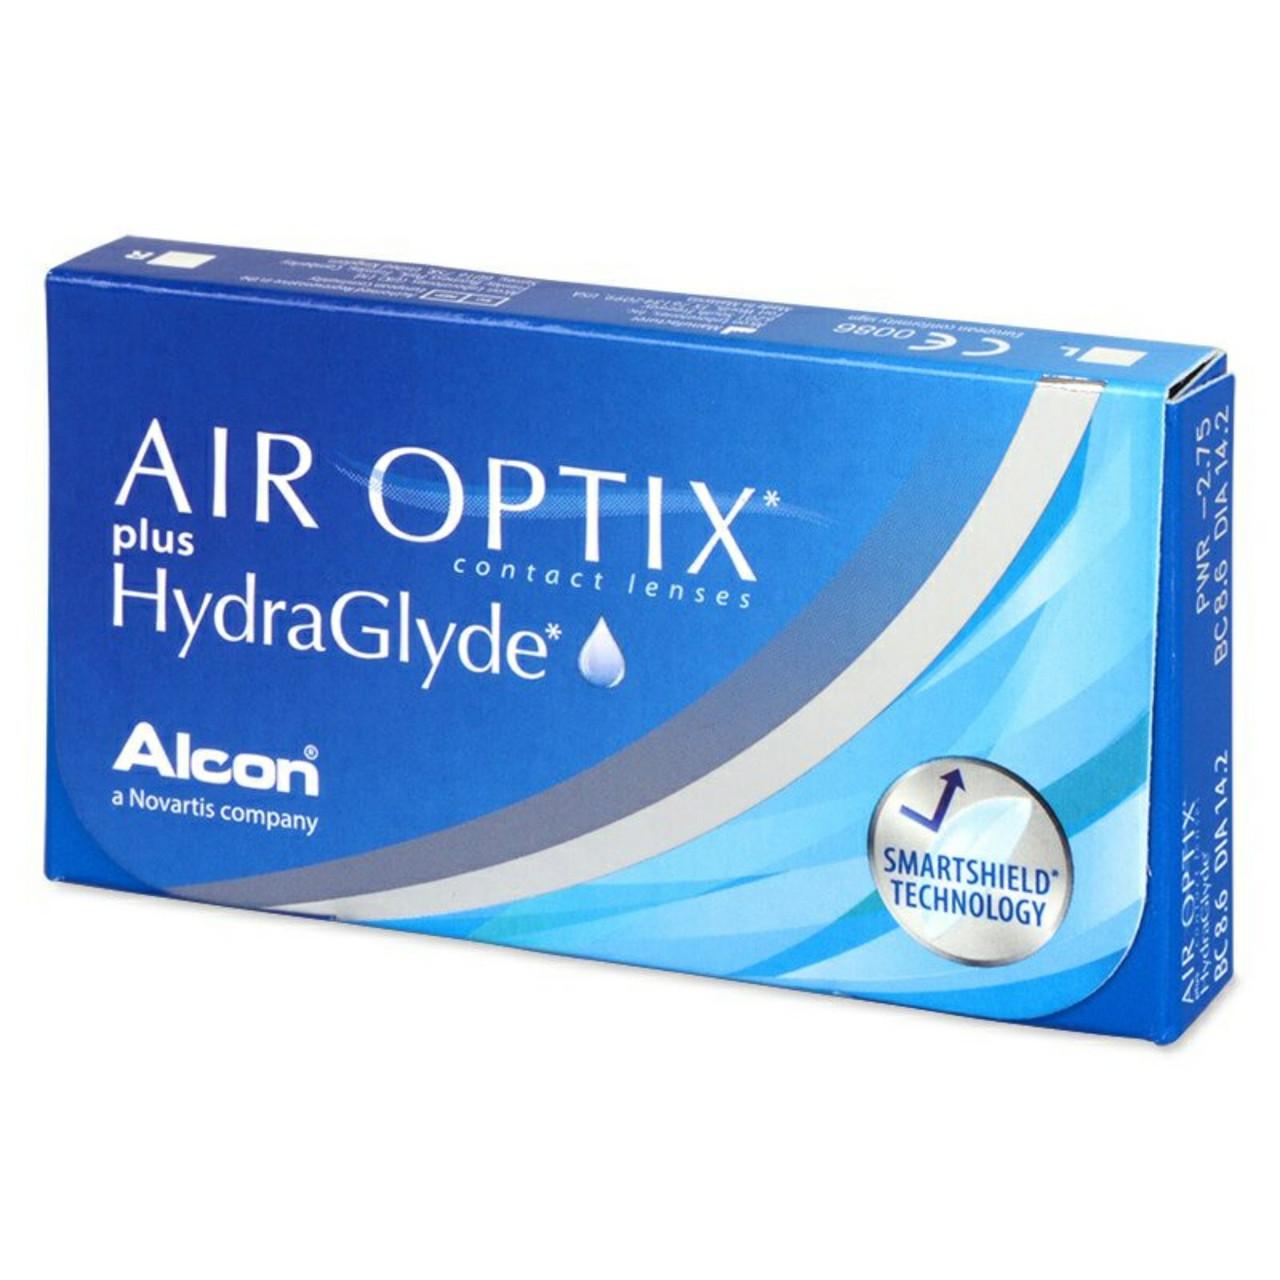 Контактные линзы -11,00 Air Optix plus HydraGlyde